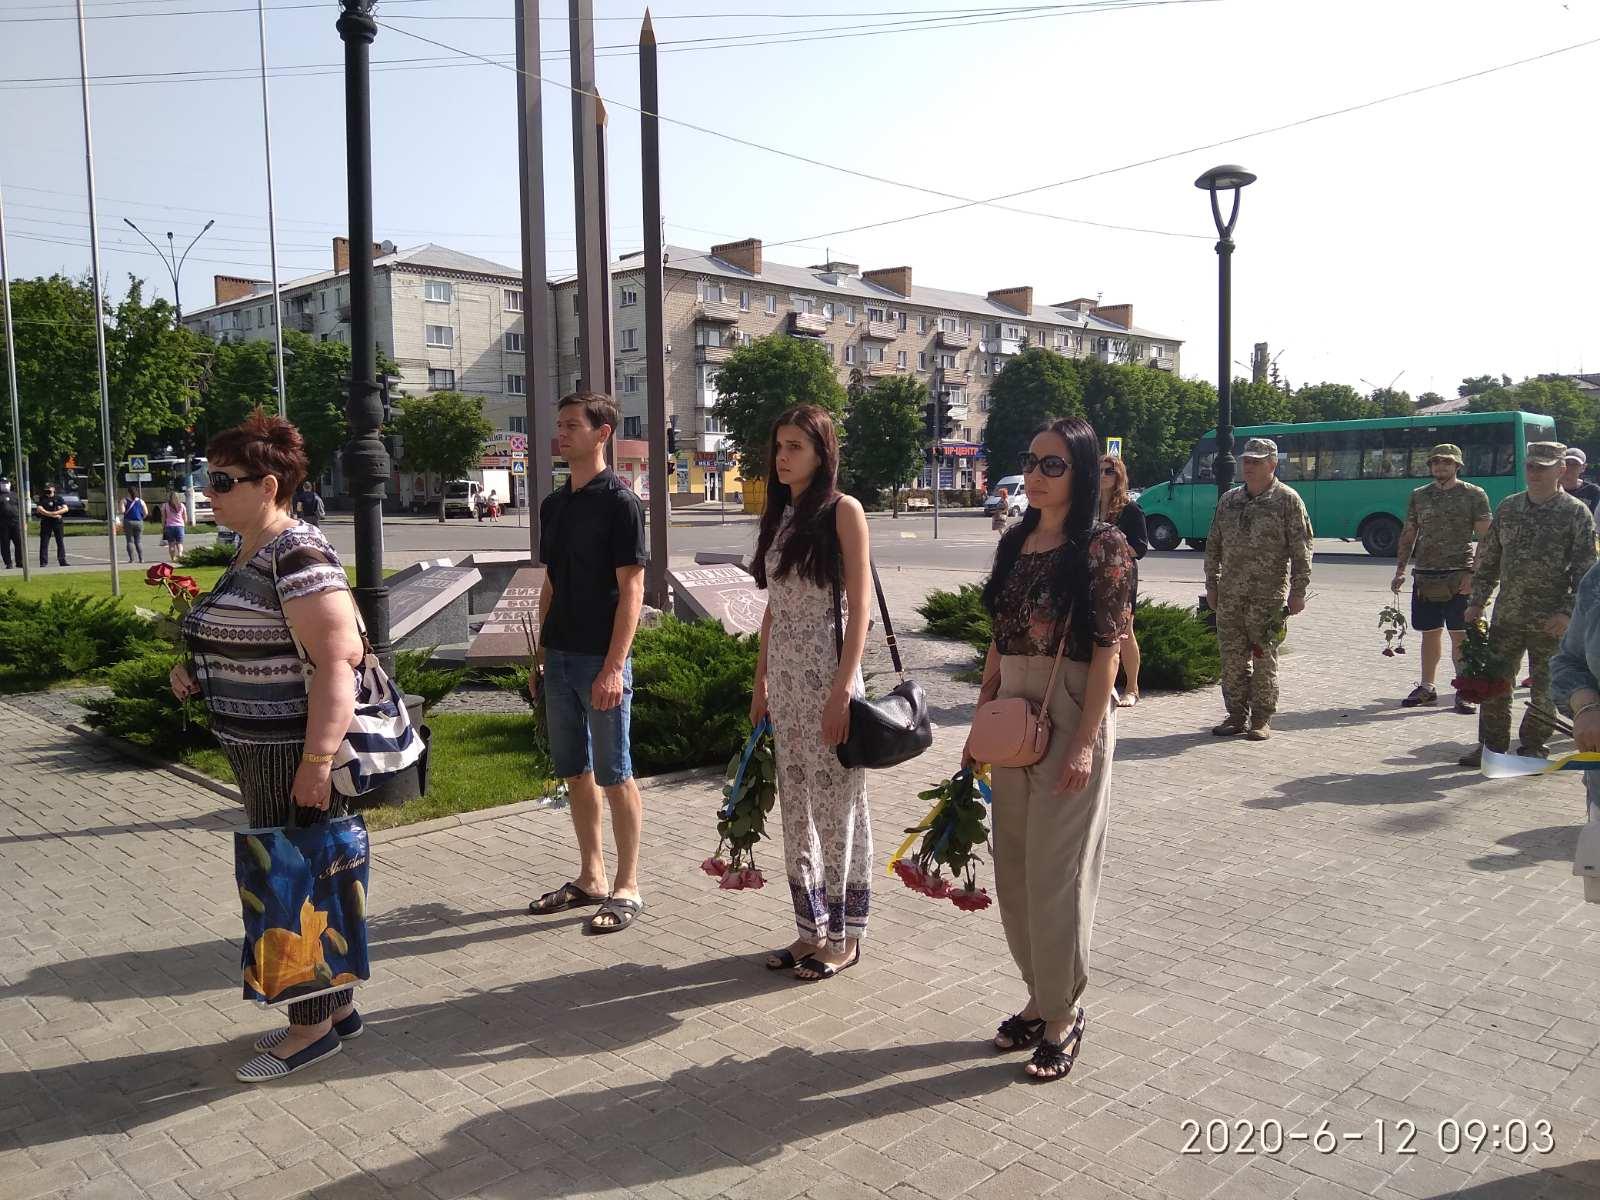 Павлоград склонил голову в знак памяти о погибших под Луганском десантниках